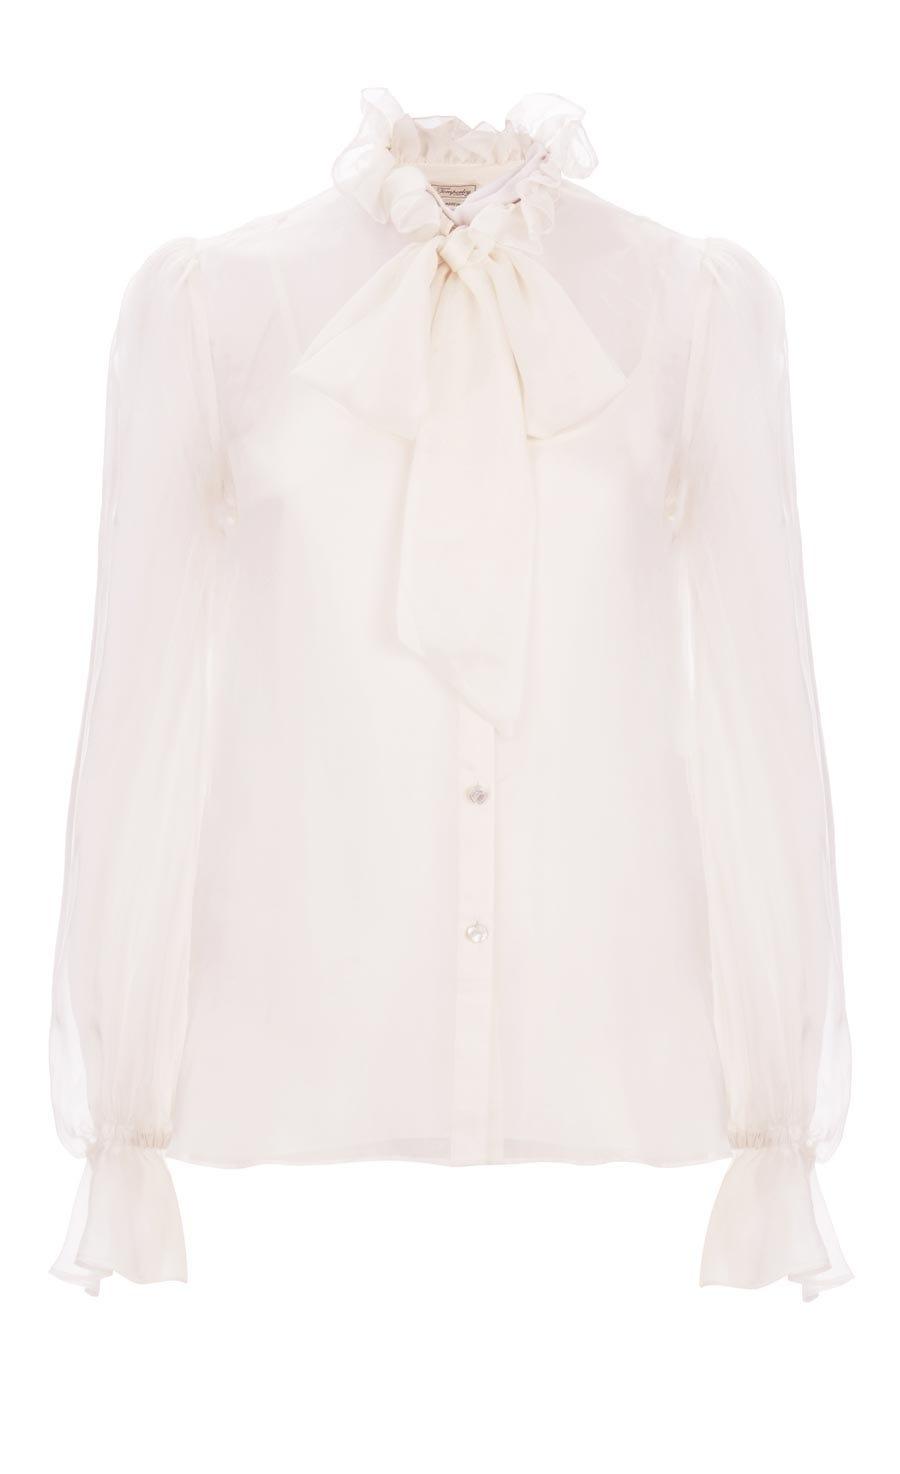 Costume Silk Shirt, White